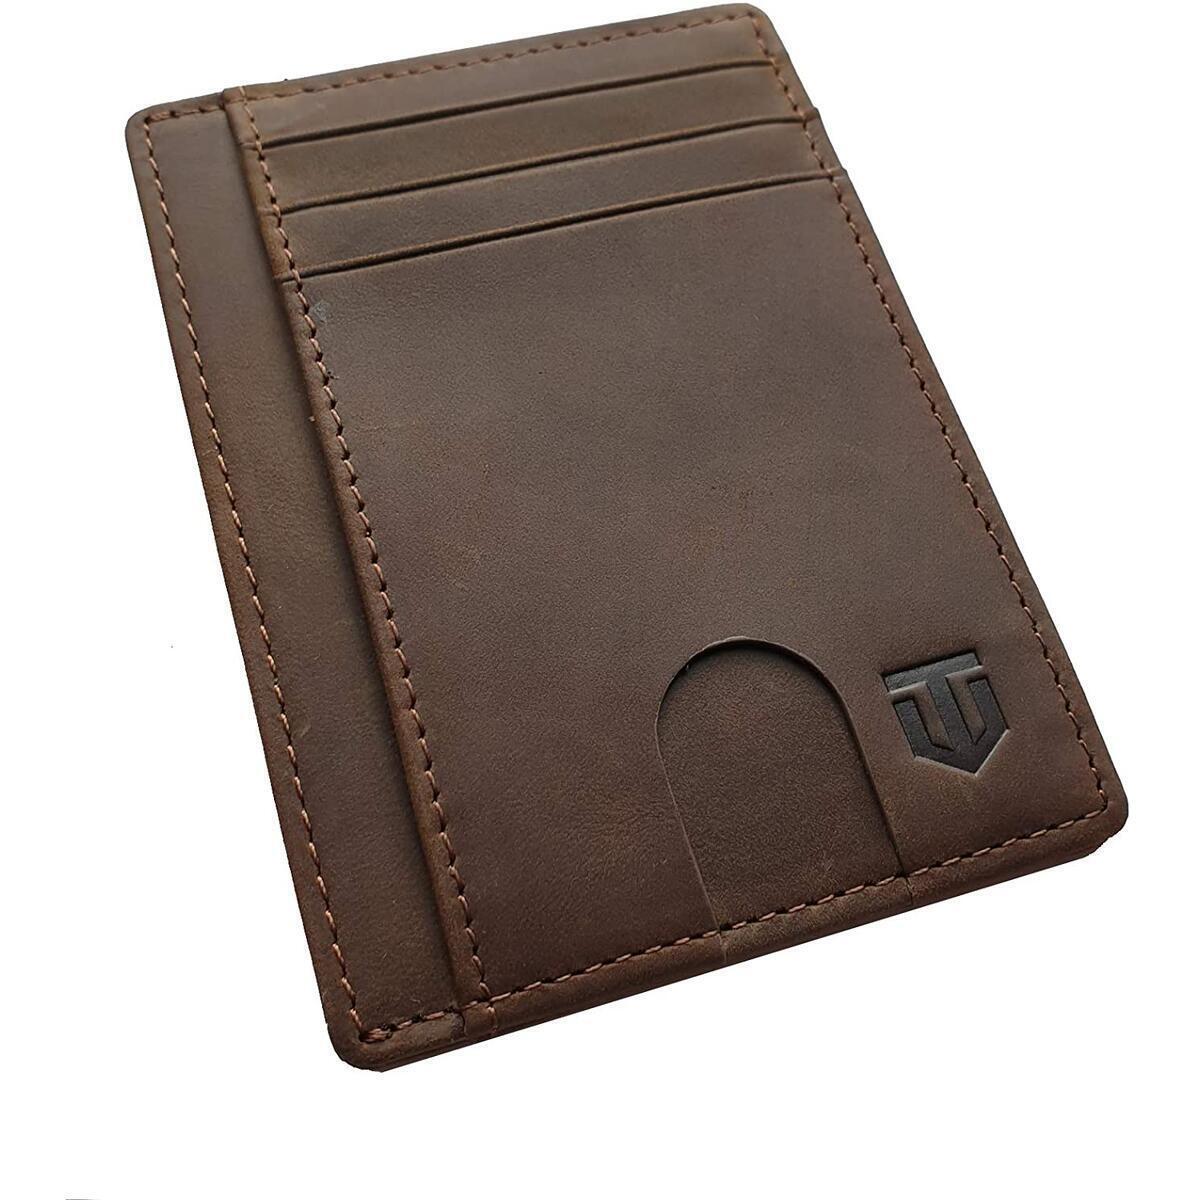 Titanz Slim Minimalist Wallet